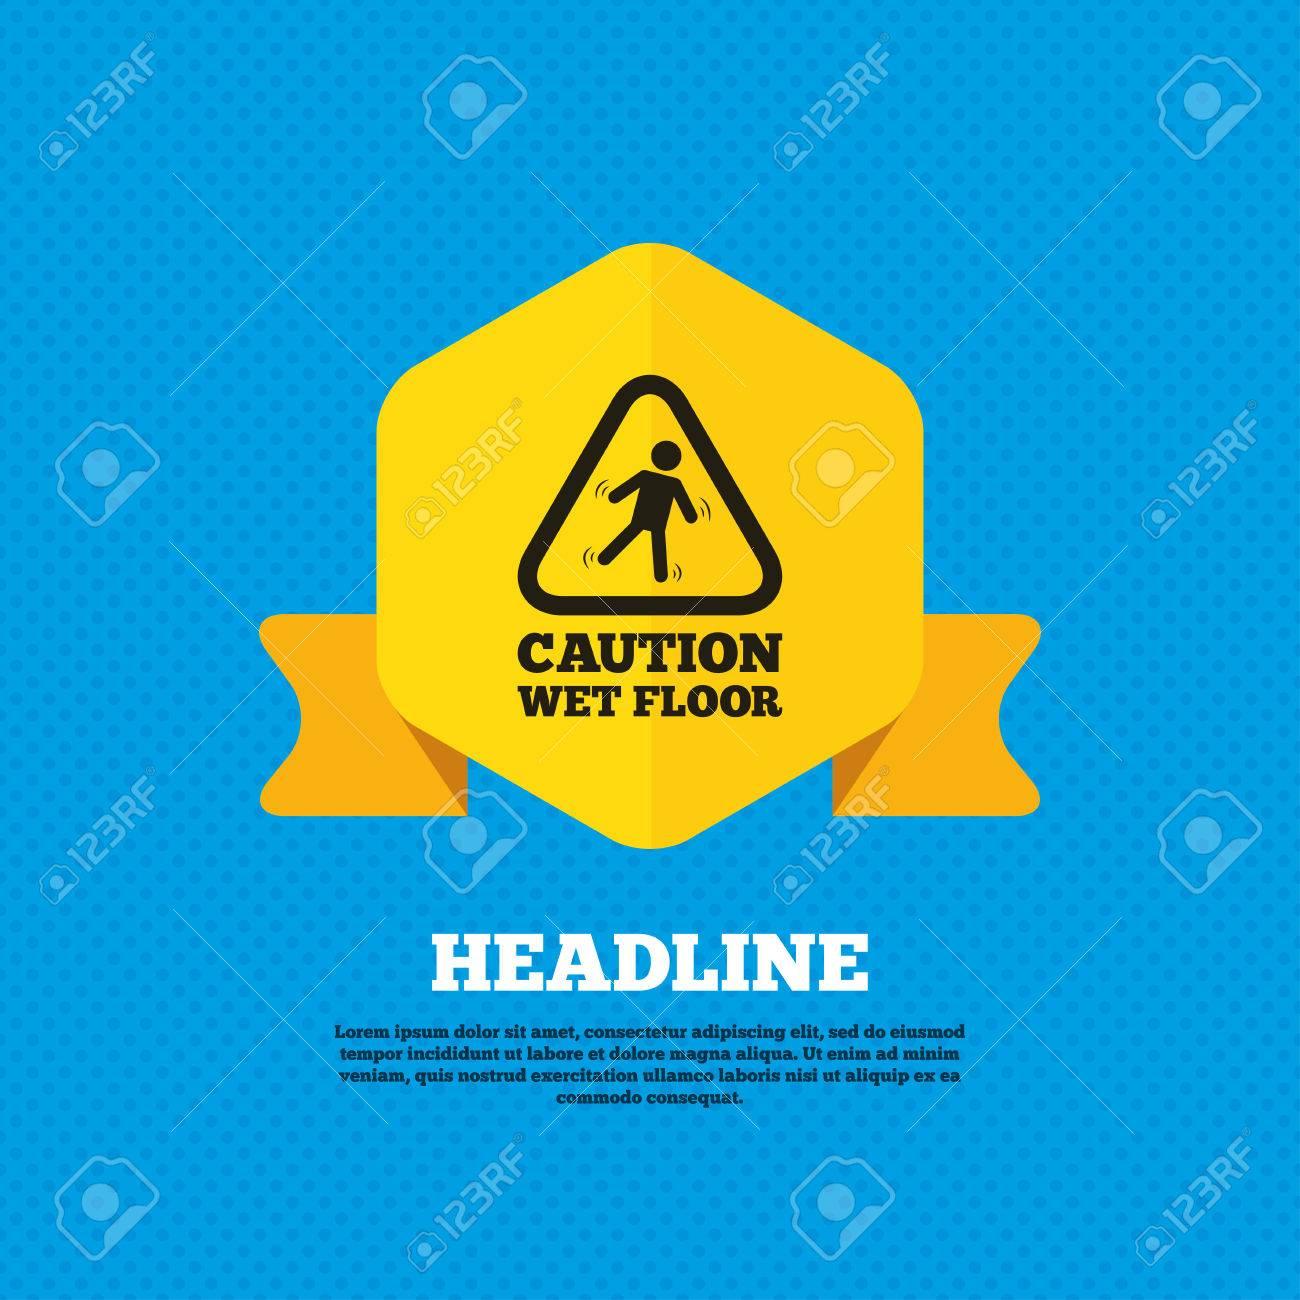 archivio fotografico attenzione pavimento bagnato segno icona umano che rientrano simbolo triangolare tag etichetta gialla circoli senza soluzione di